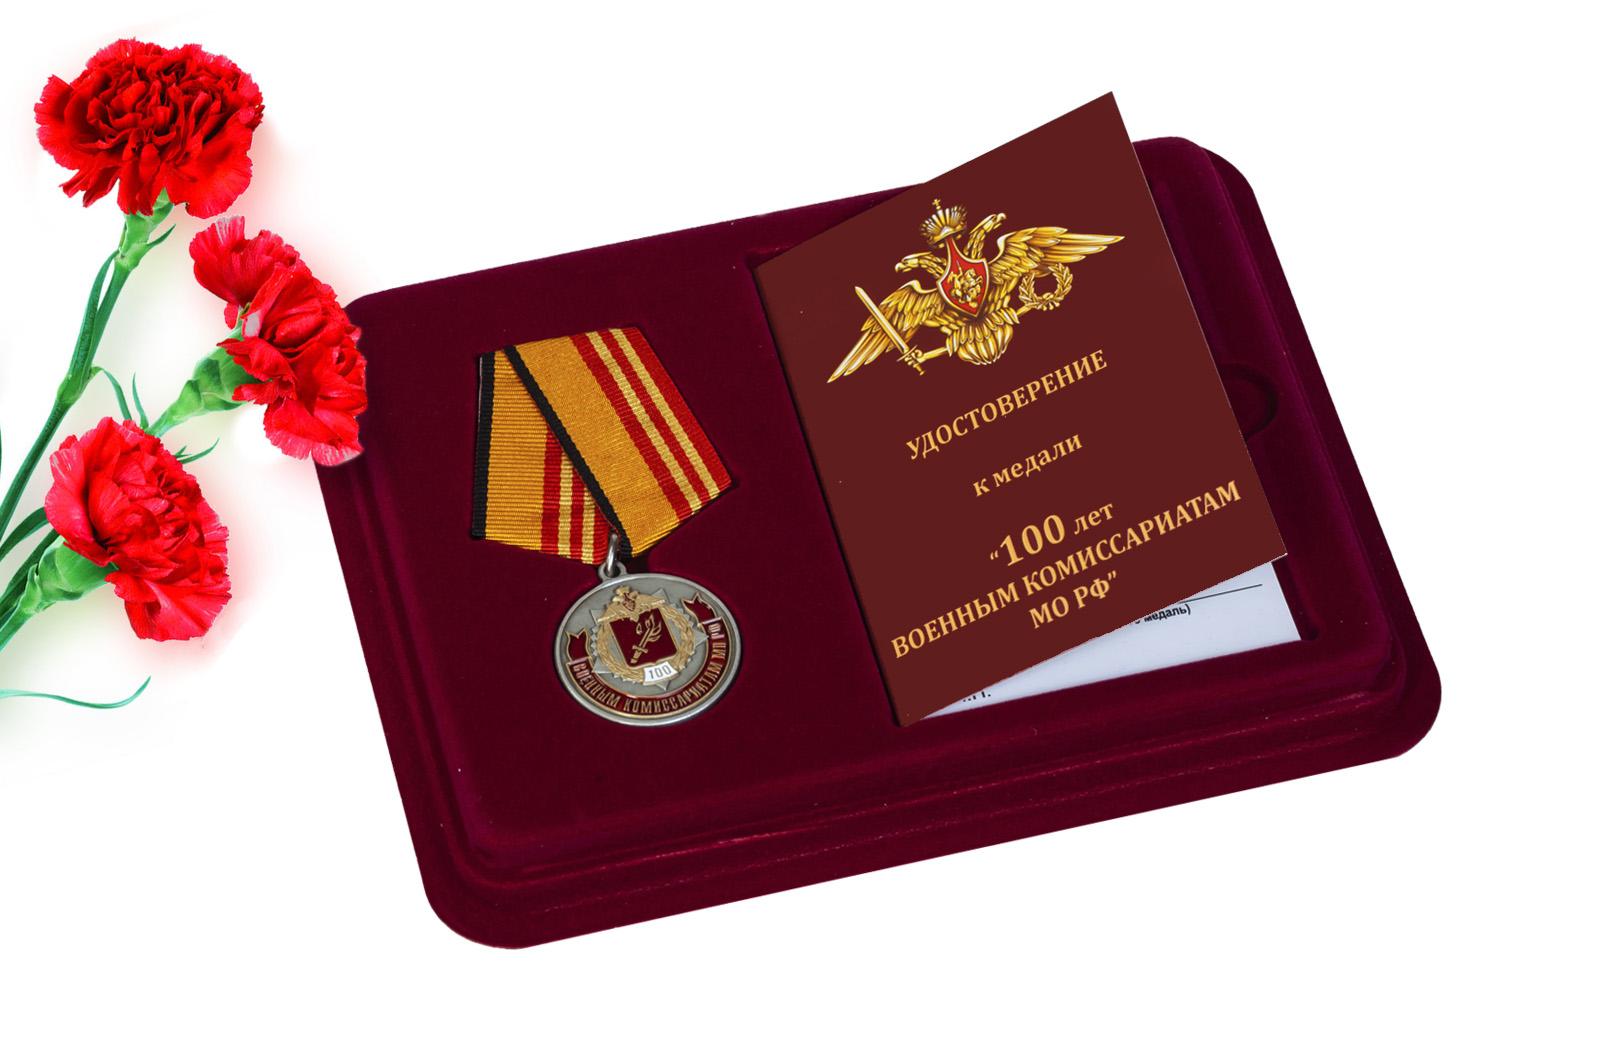 Купить юбилейную медаль 100 лет Военным комиссариатам МО РФ онлайн с доставкой